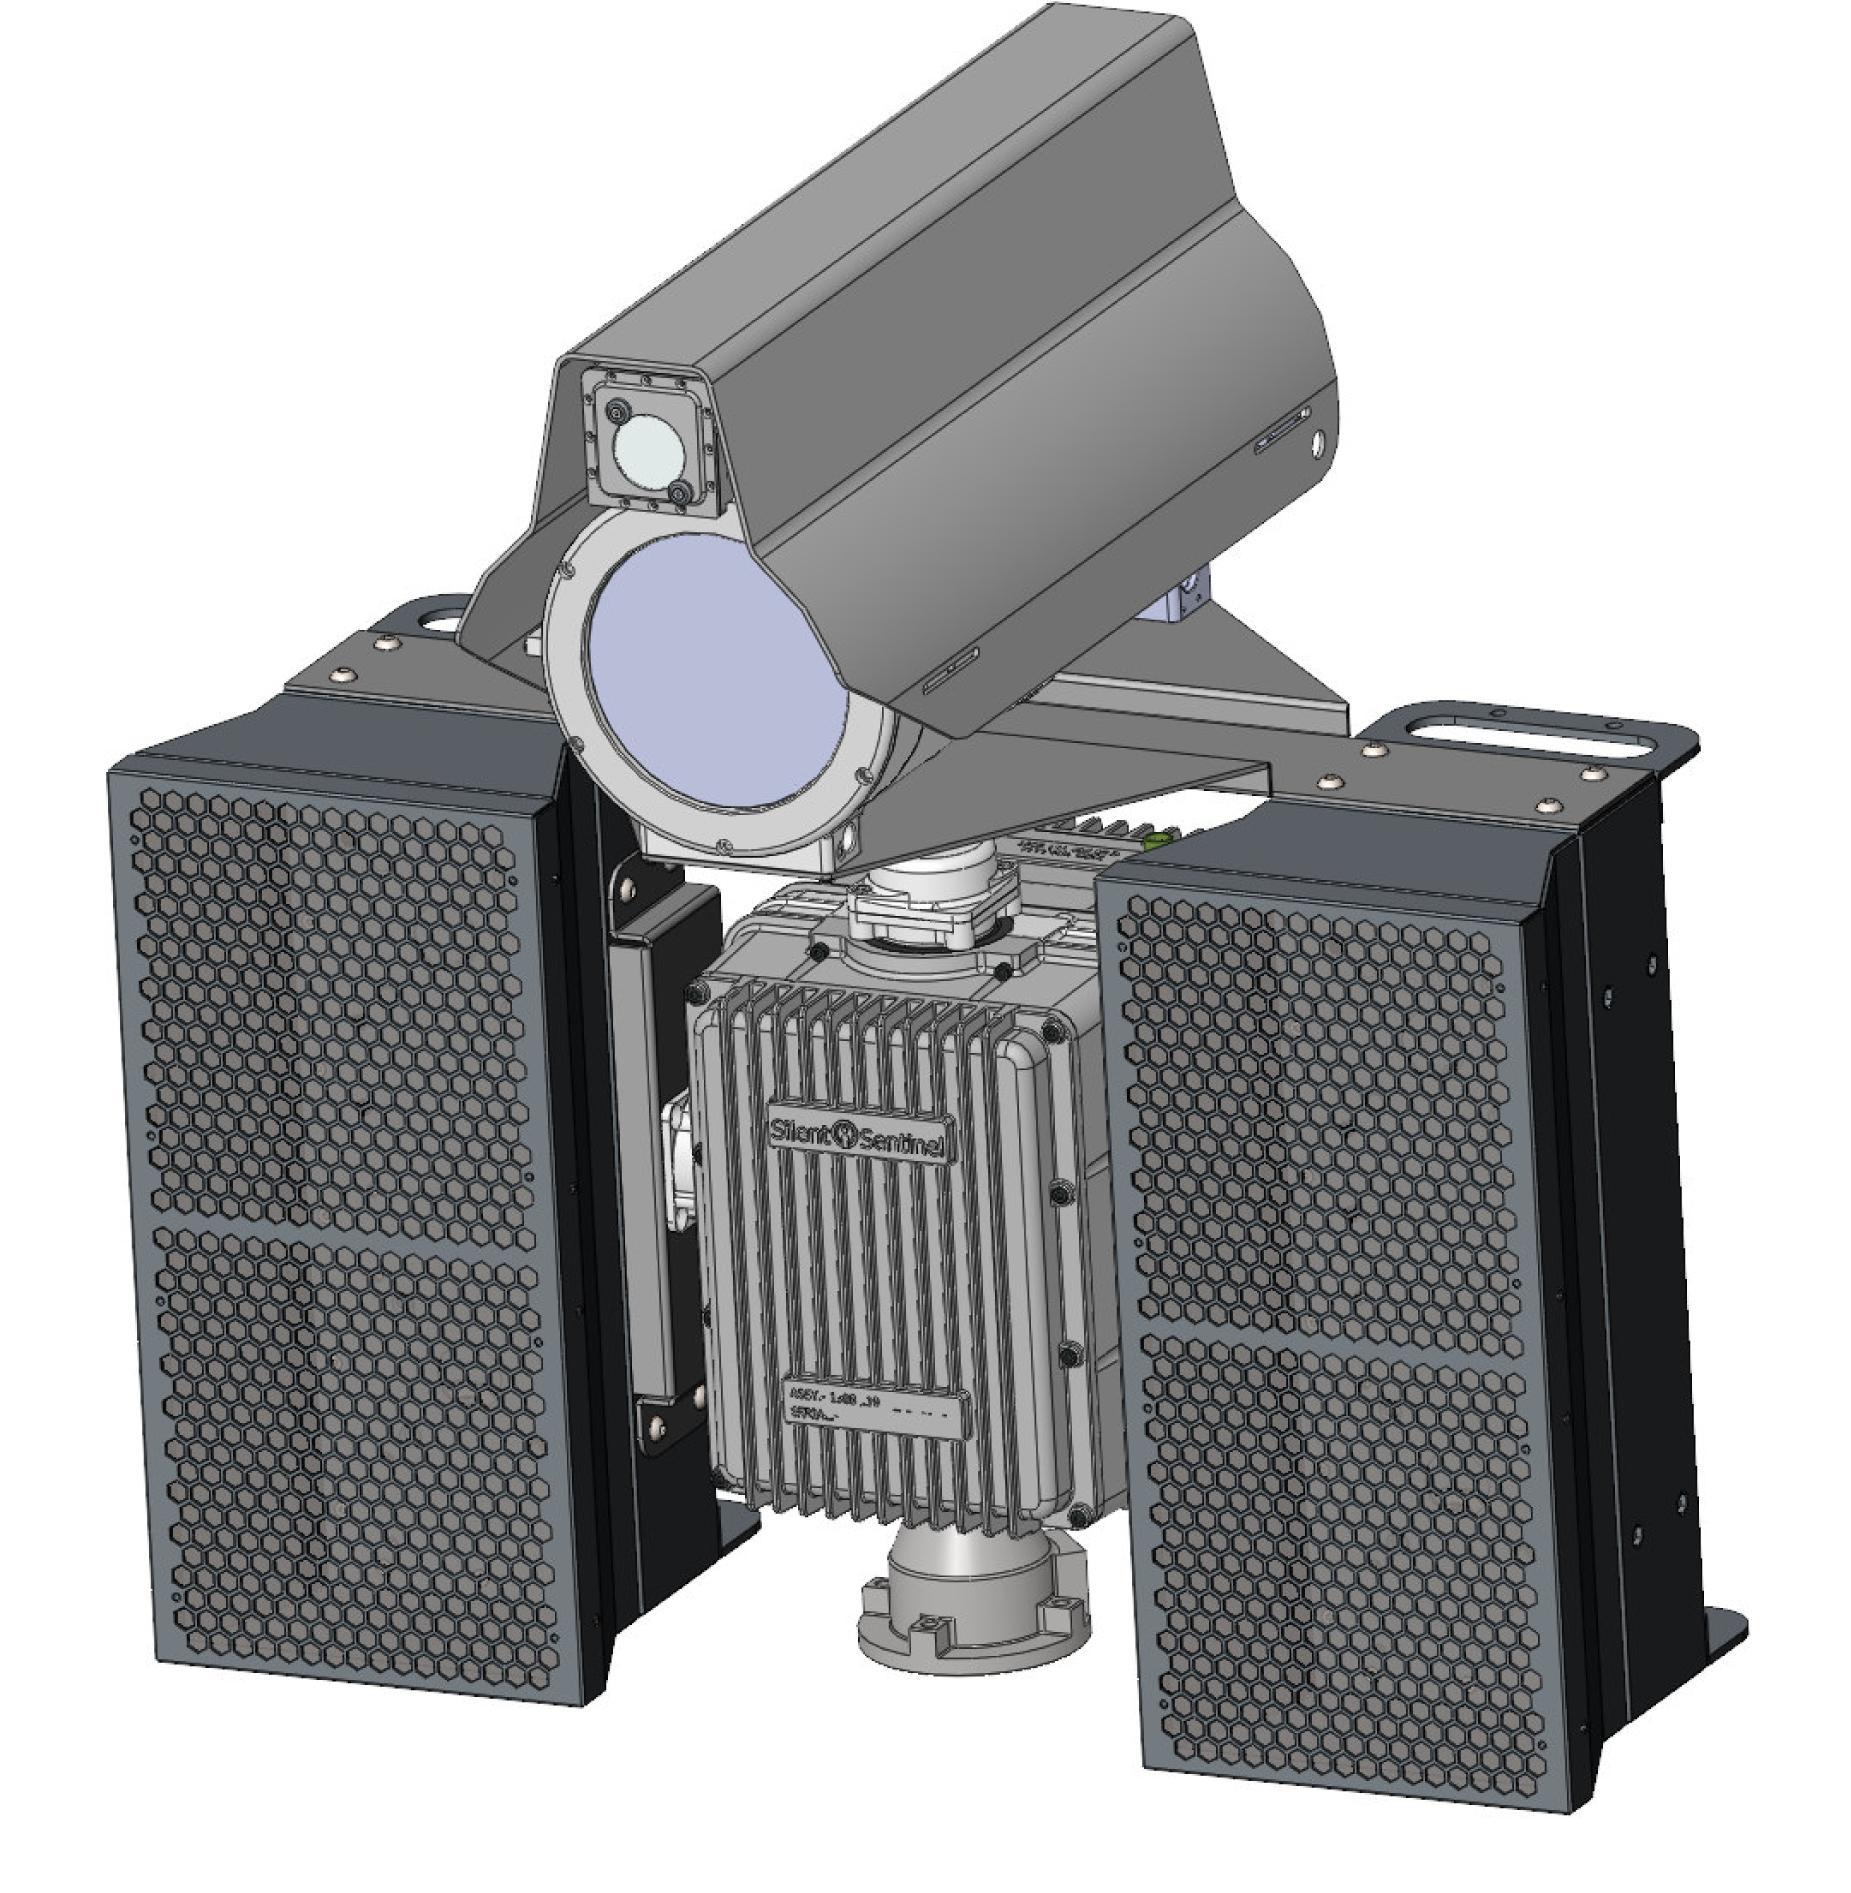 2x AHD M-215 X auf PTZ-Head Silent Sentinel Jaeger